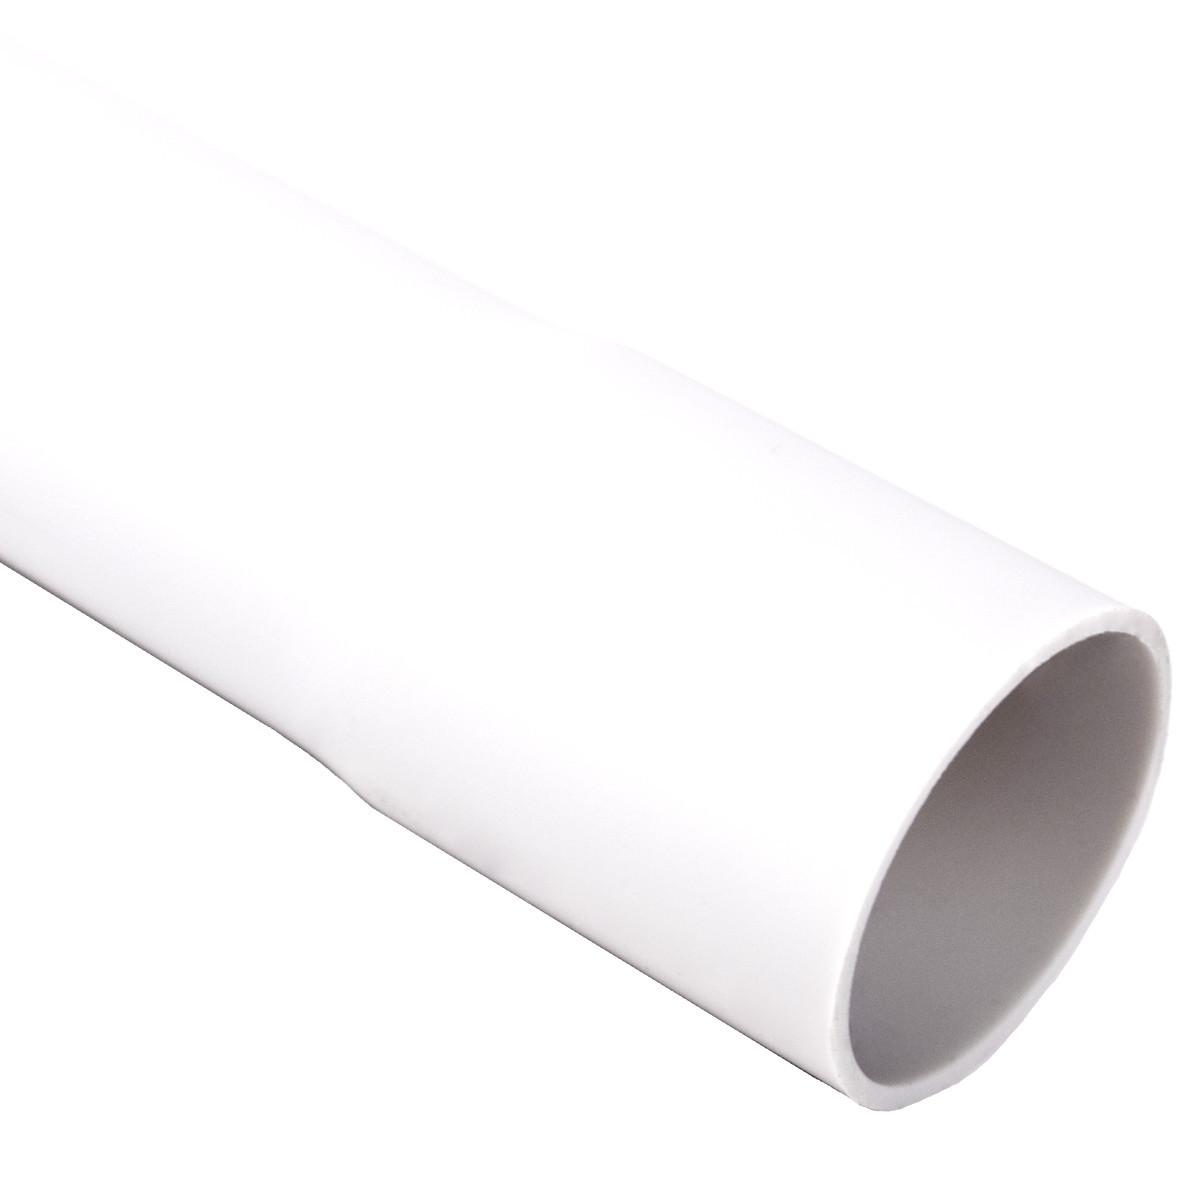 Труба жорстка 320 N/5см з раструбом для з'єднання; Ø50мм; ПВХ;; довжина 3м; t застосування -25+60 °с; біла; Упаковка 30 шт